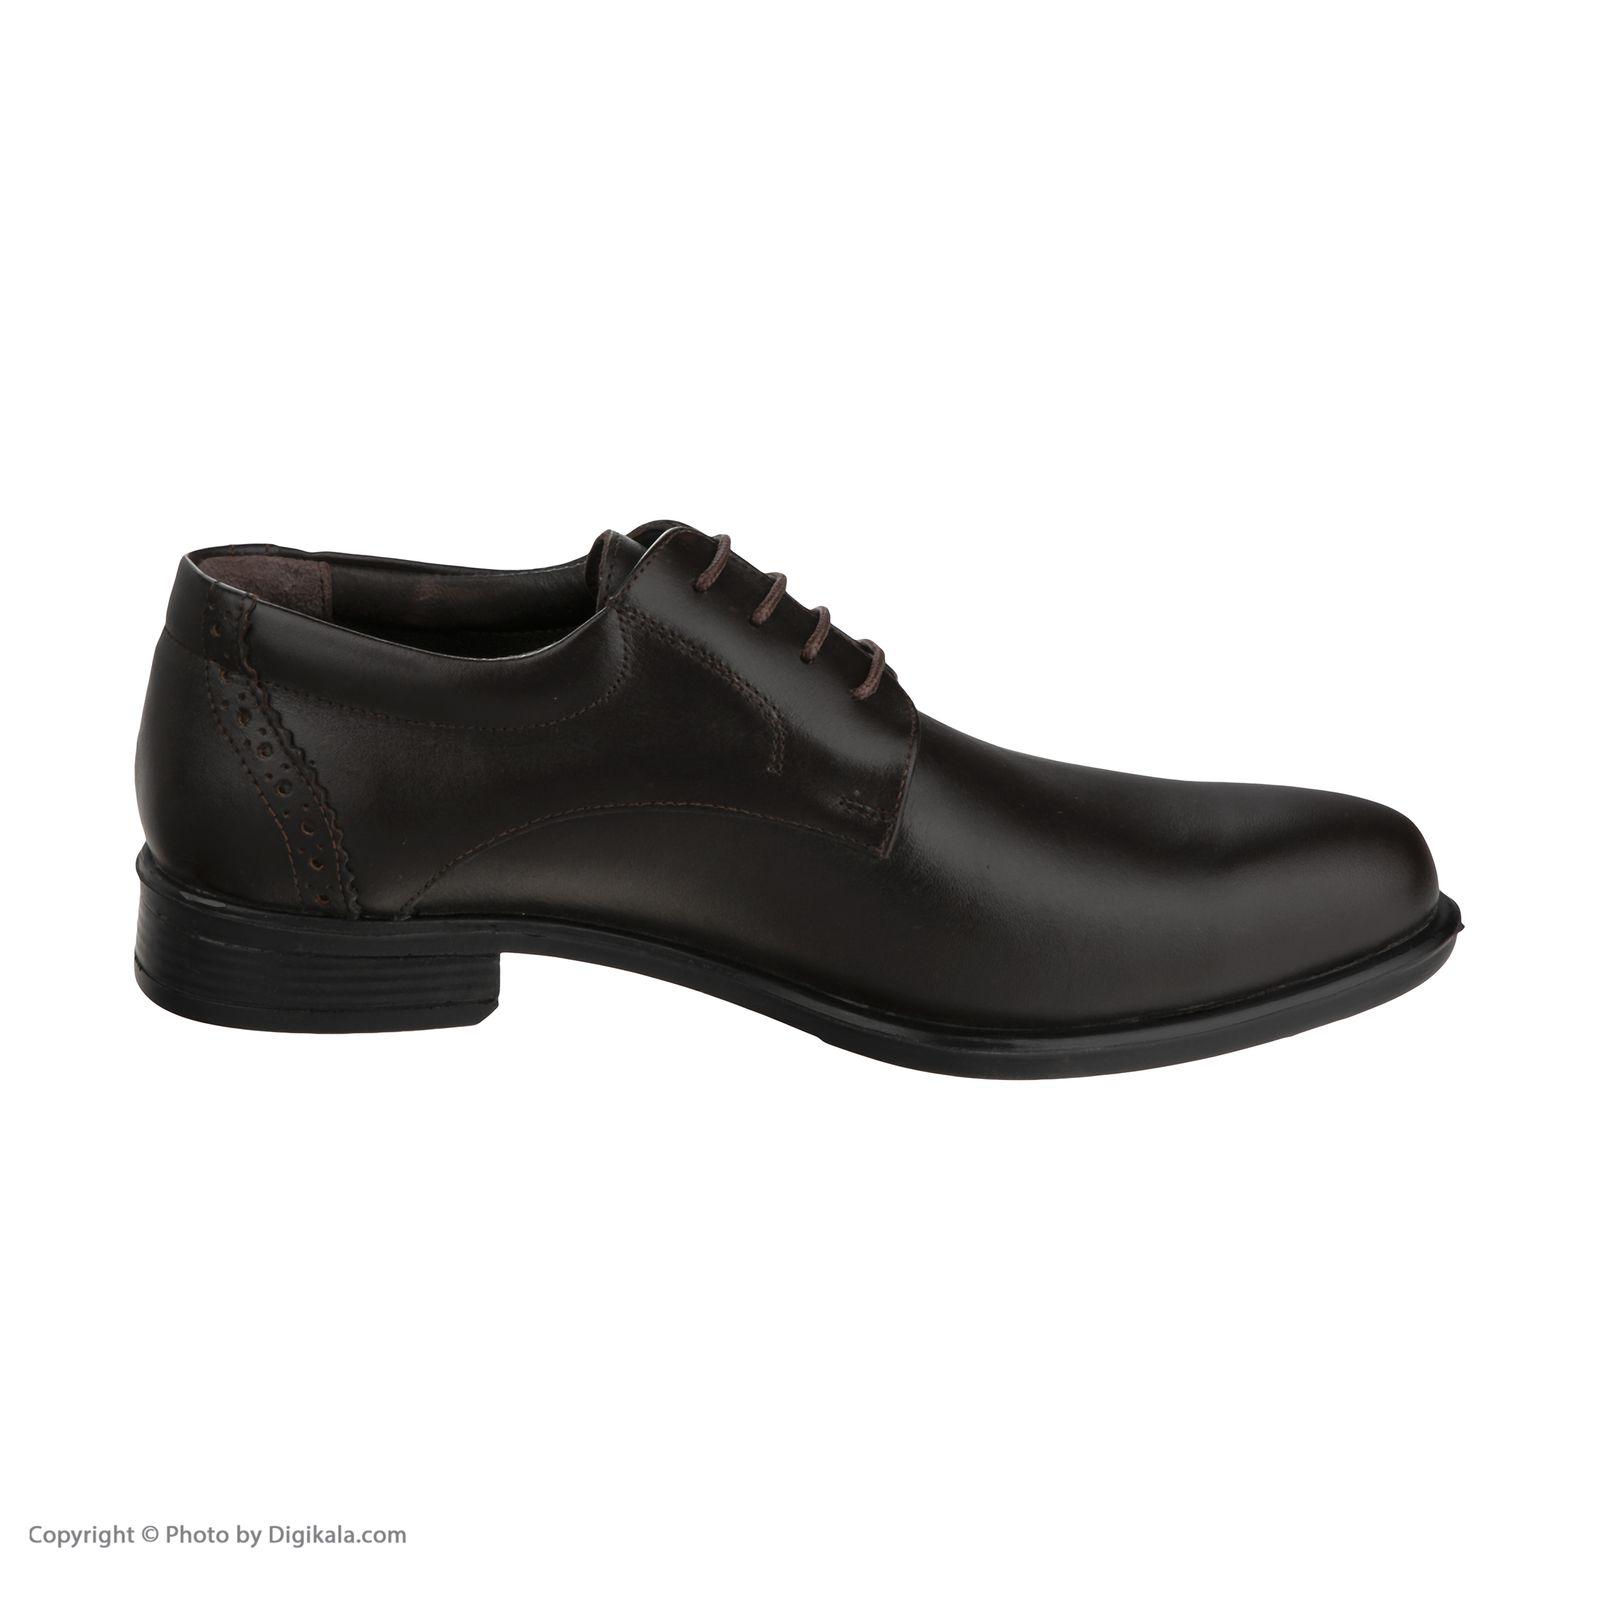 کفش مردانه بلوط مدل 7297A503104 -  - 7